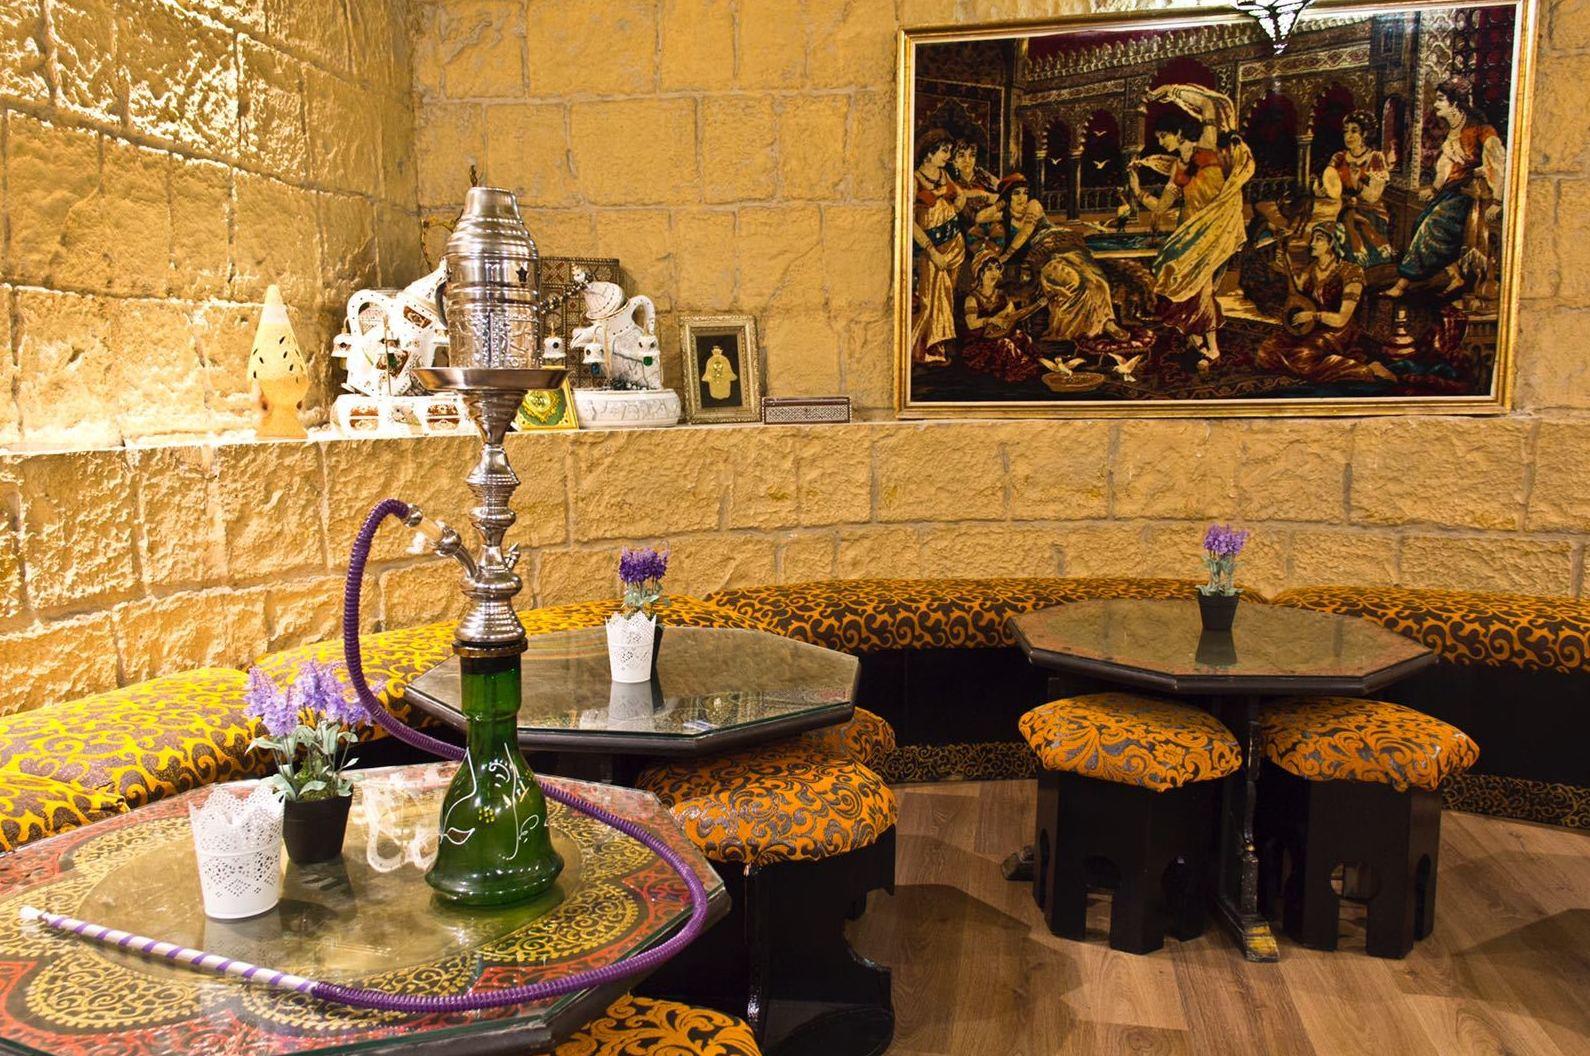 Foto 6 de Cocina árabe en Madrid | Las Mil y una Noches